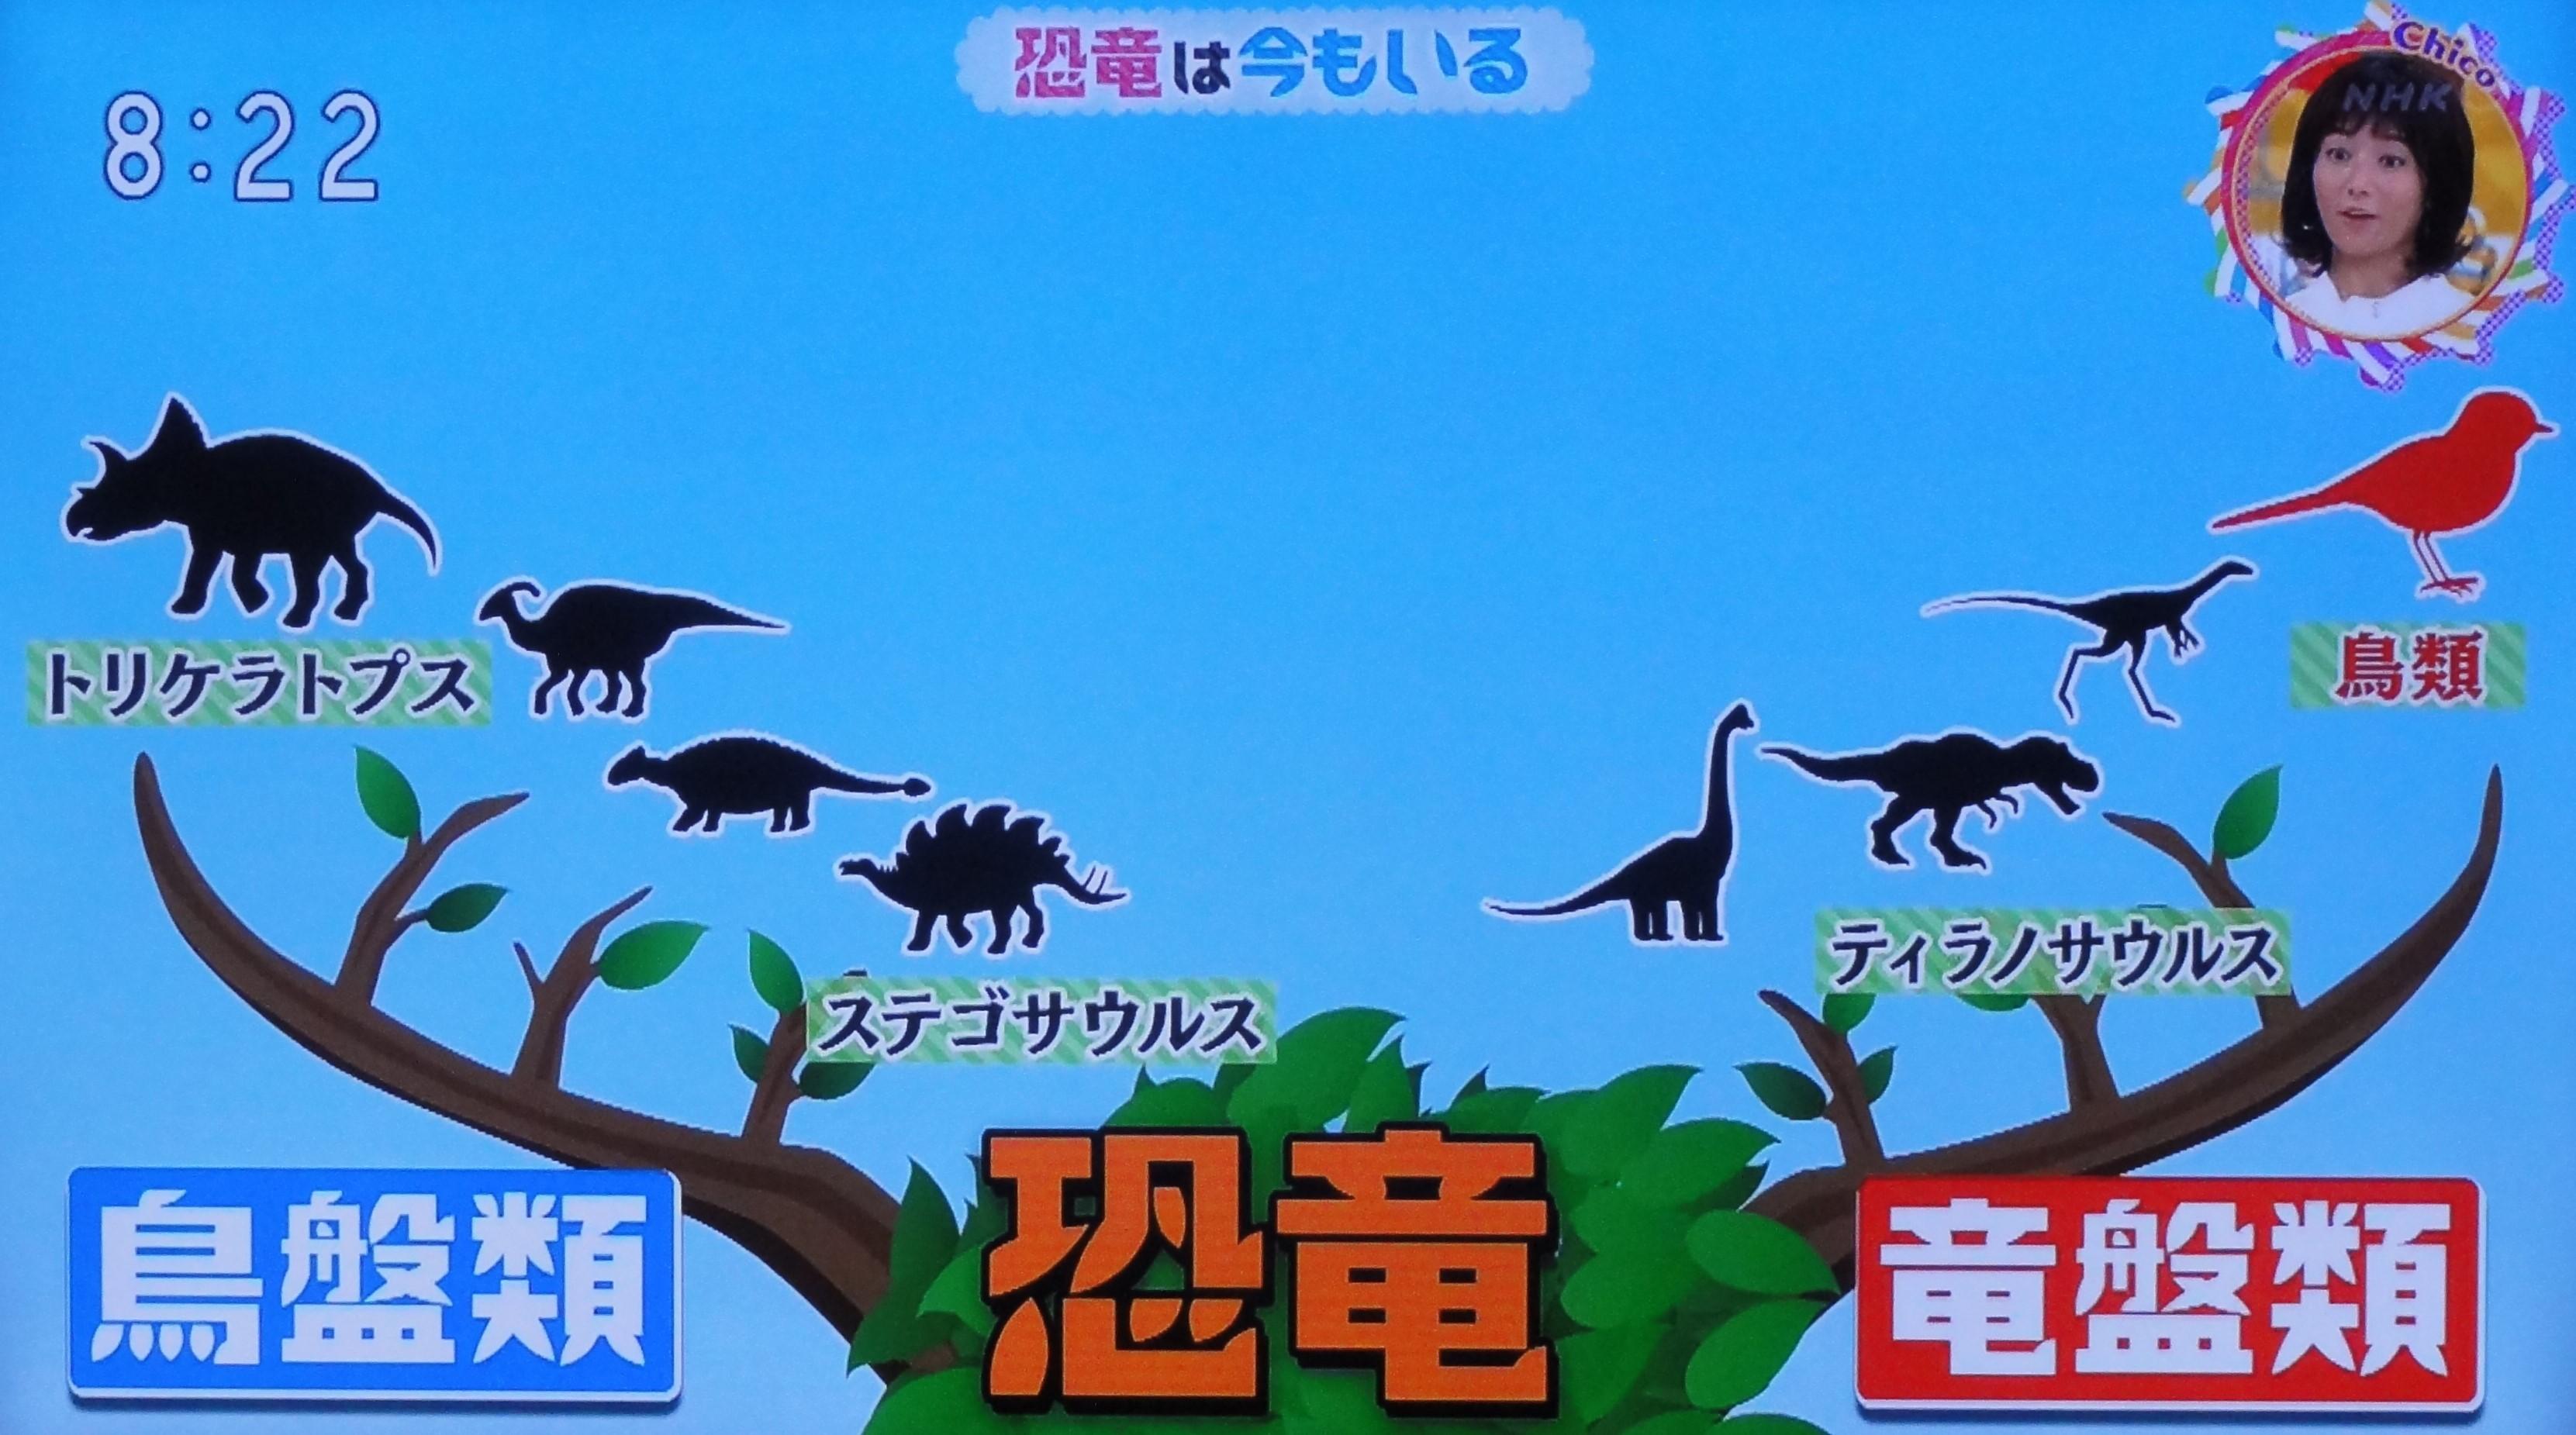 恐竜の歌 nhk